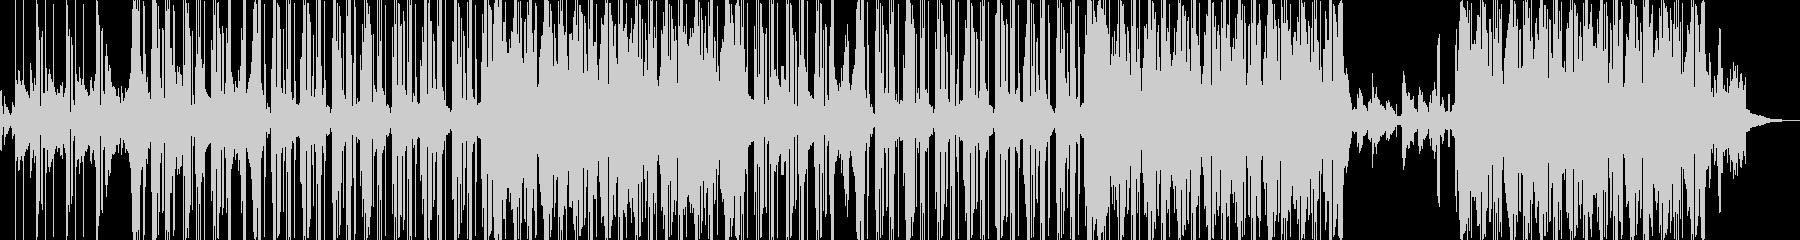 ピアノとノイズリズムで作る切ないトラックの未再生の波形